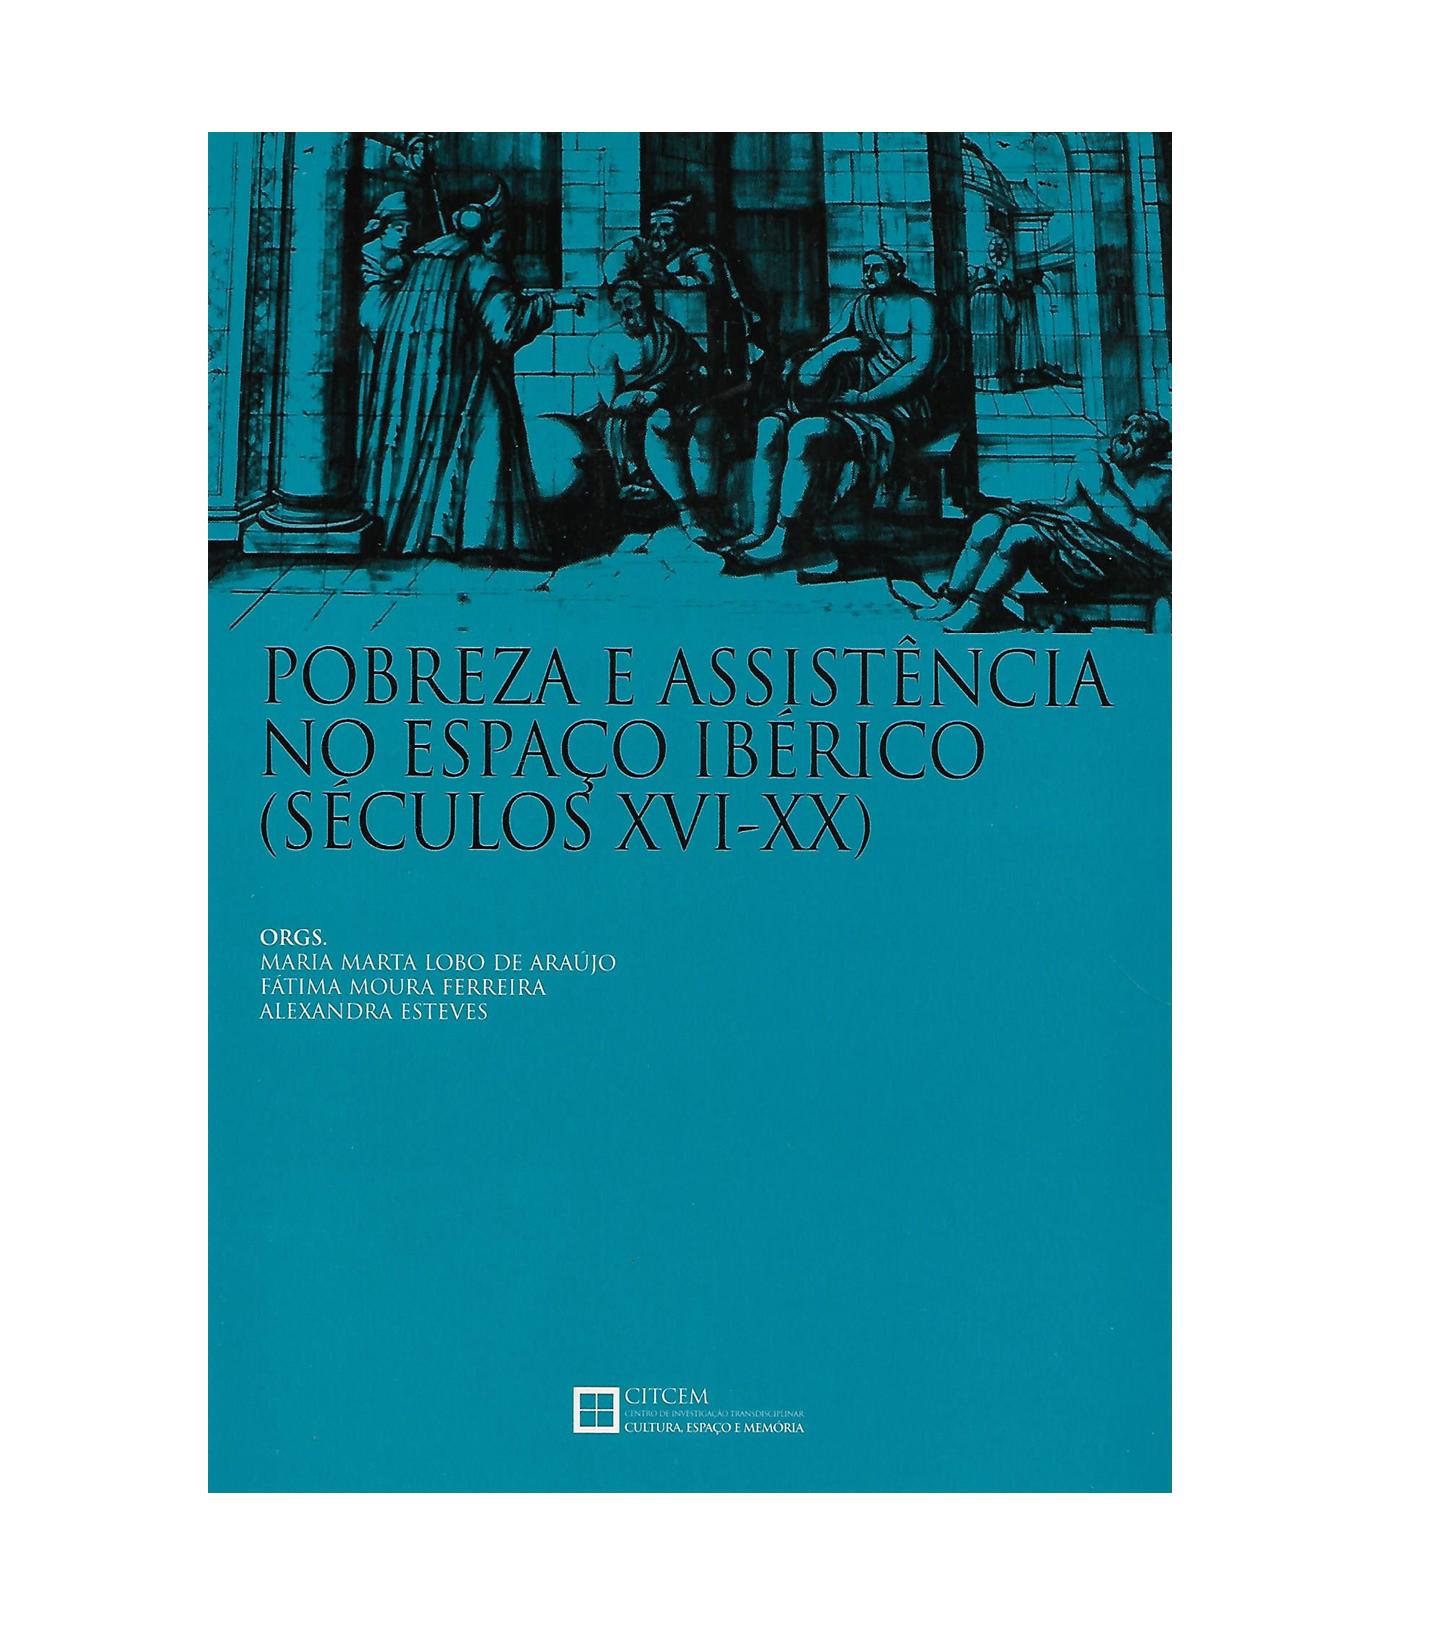 POBREZA E ASSISTÊNCIA O ESPAÇO IBÉRICO (séculos XVI-XX).